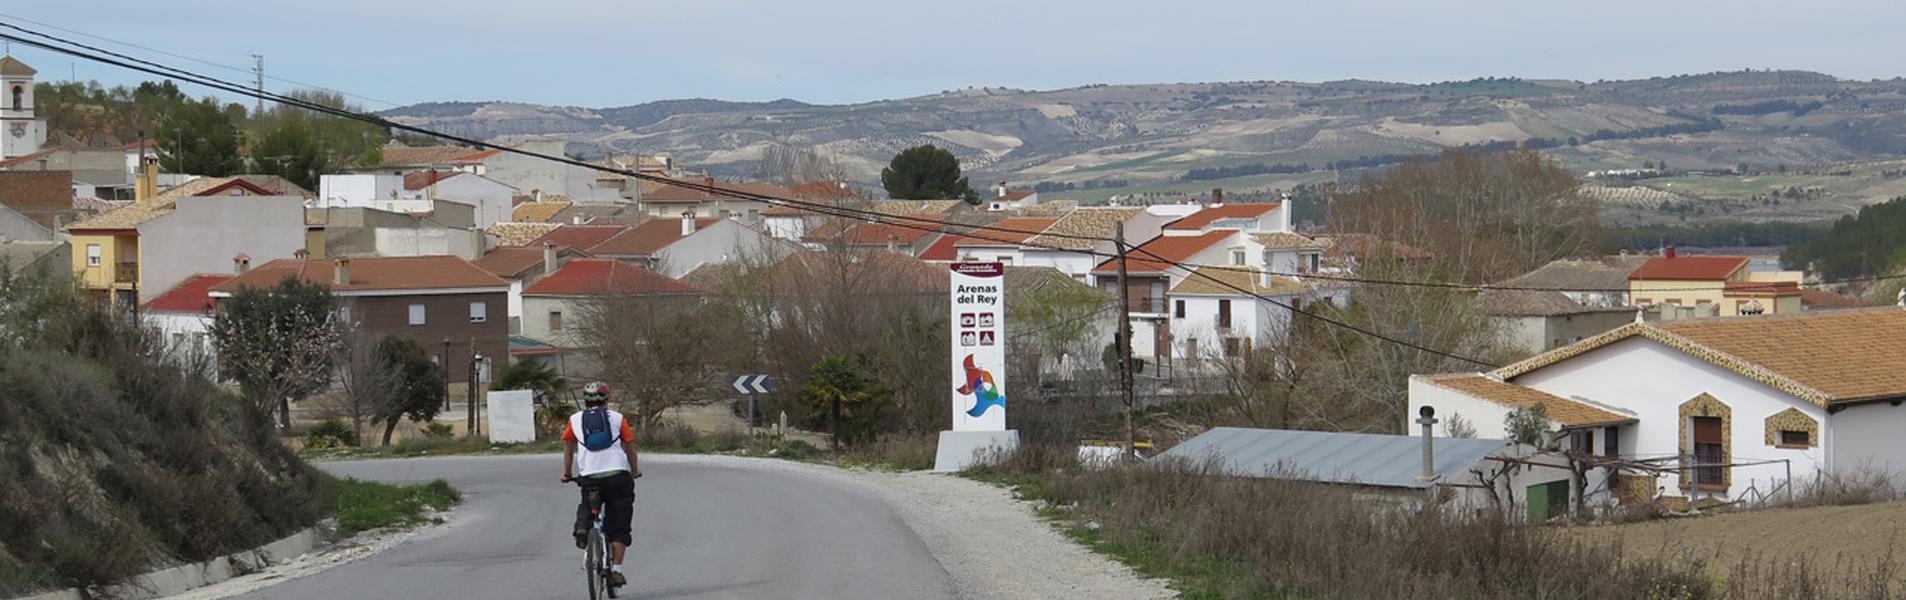 Arenas del Rey